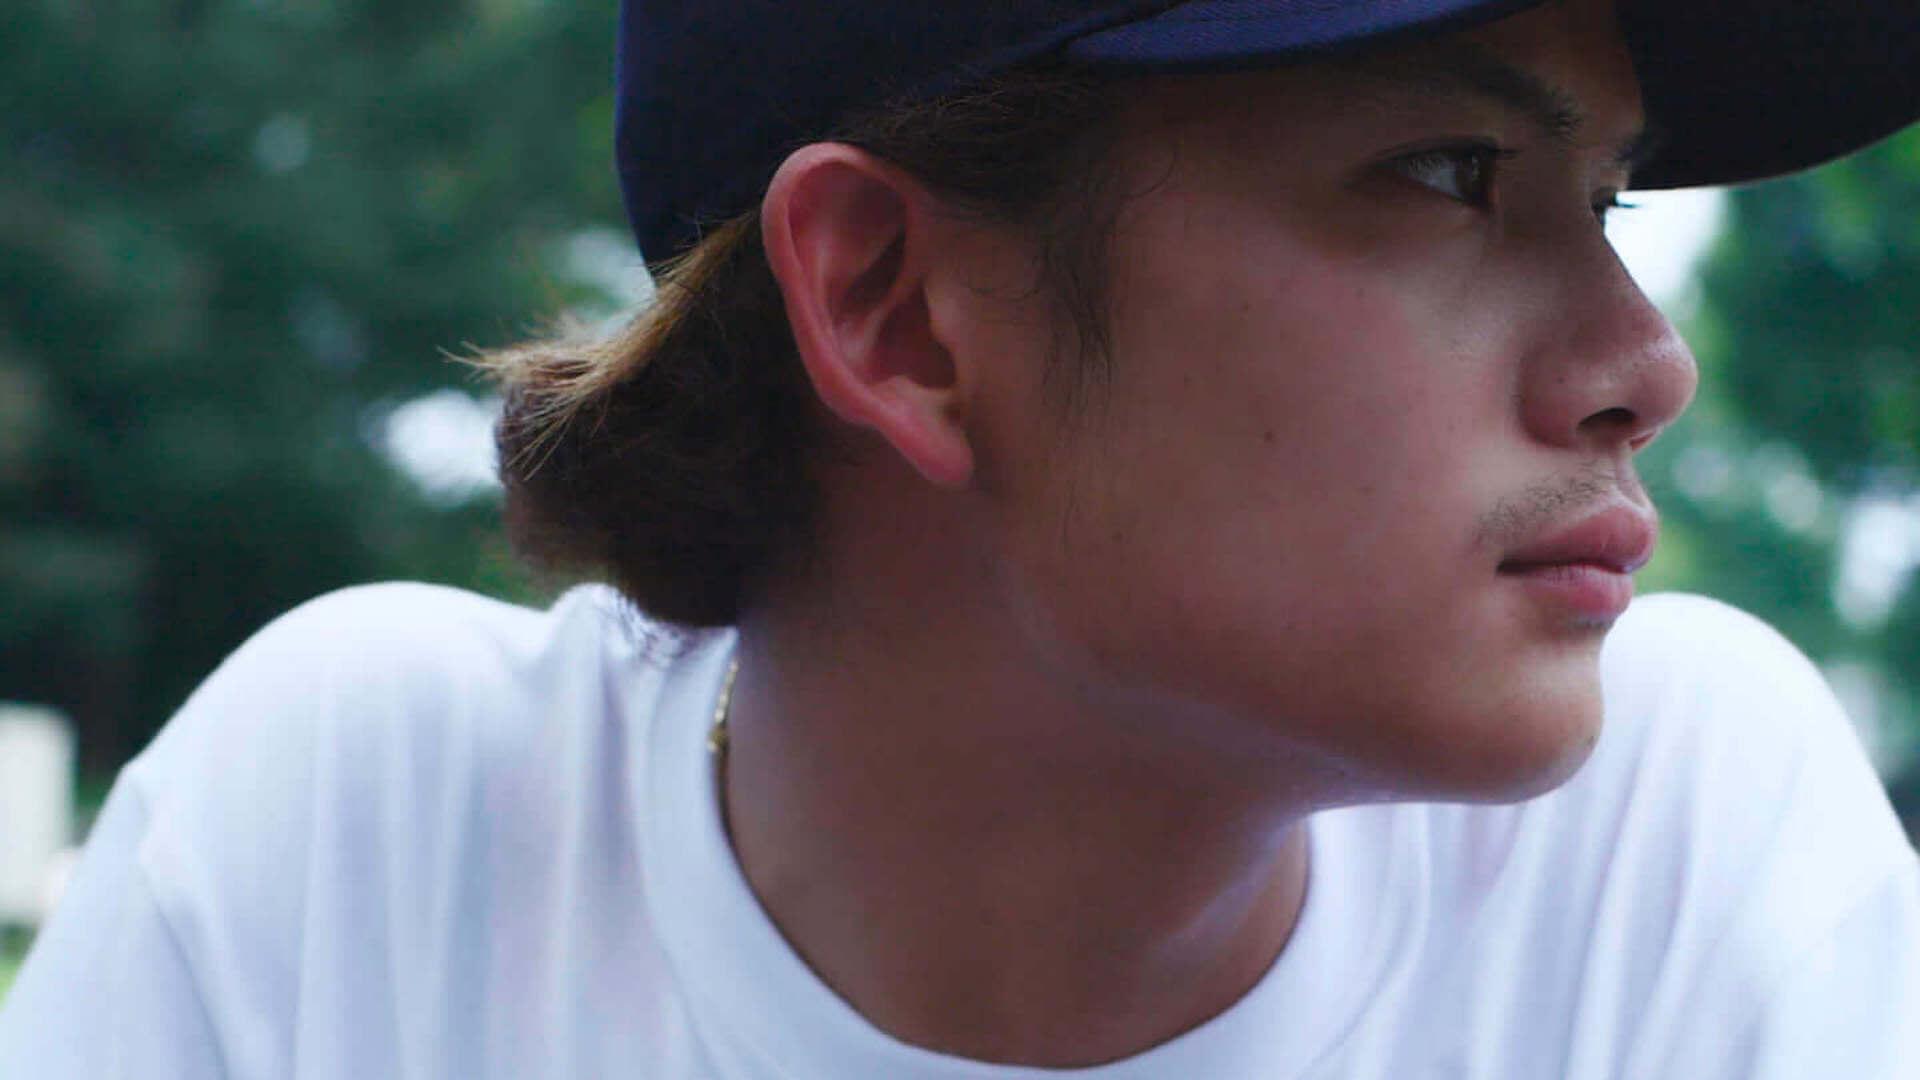 リアルスケーター4人が出演する青春映画『STAND STRONG』がNetflix、iTunes、Amazonプライムビデオなどで配信決定! film210223_standstrong_3-1920x1080